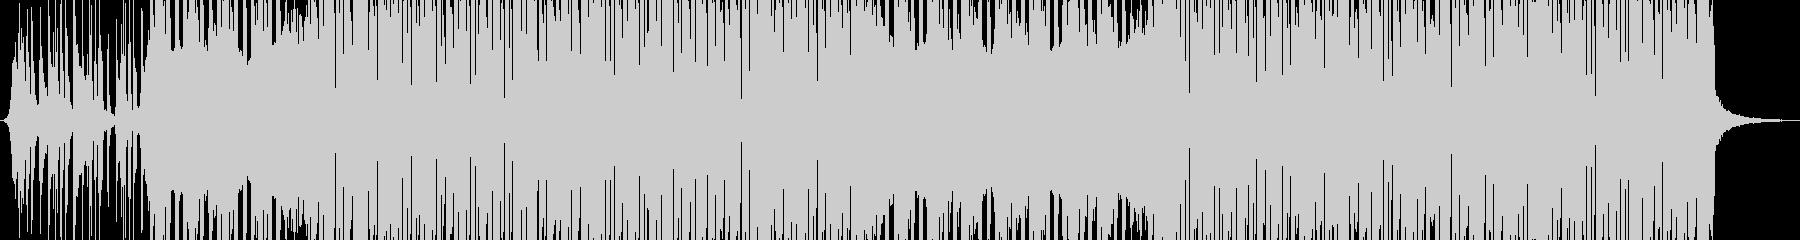 レトロなスタイルのダンスギターファンクの未再生の波形